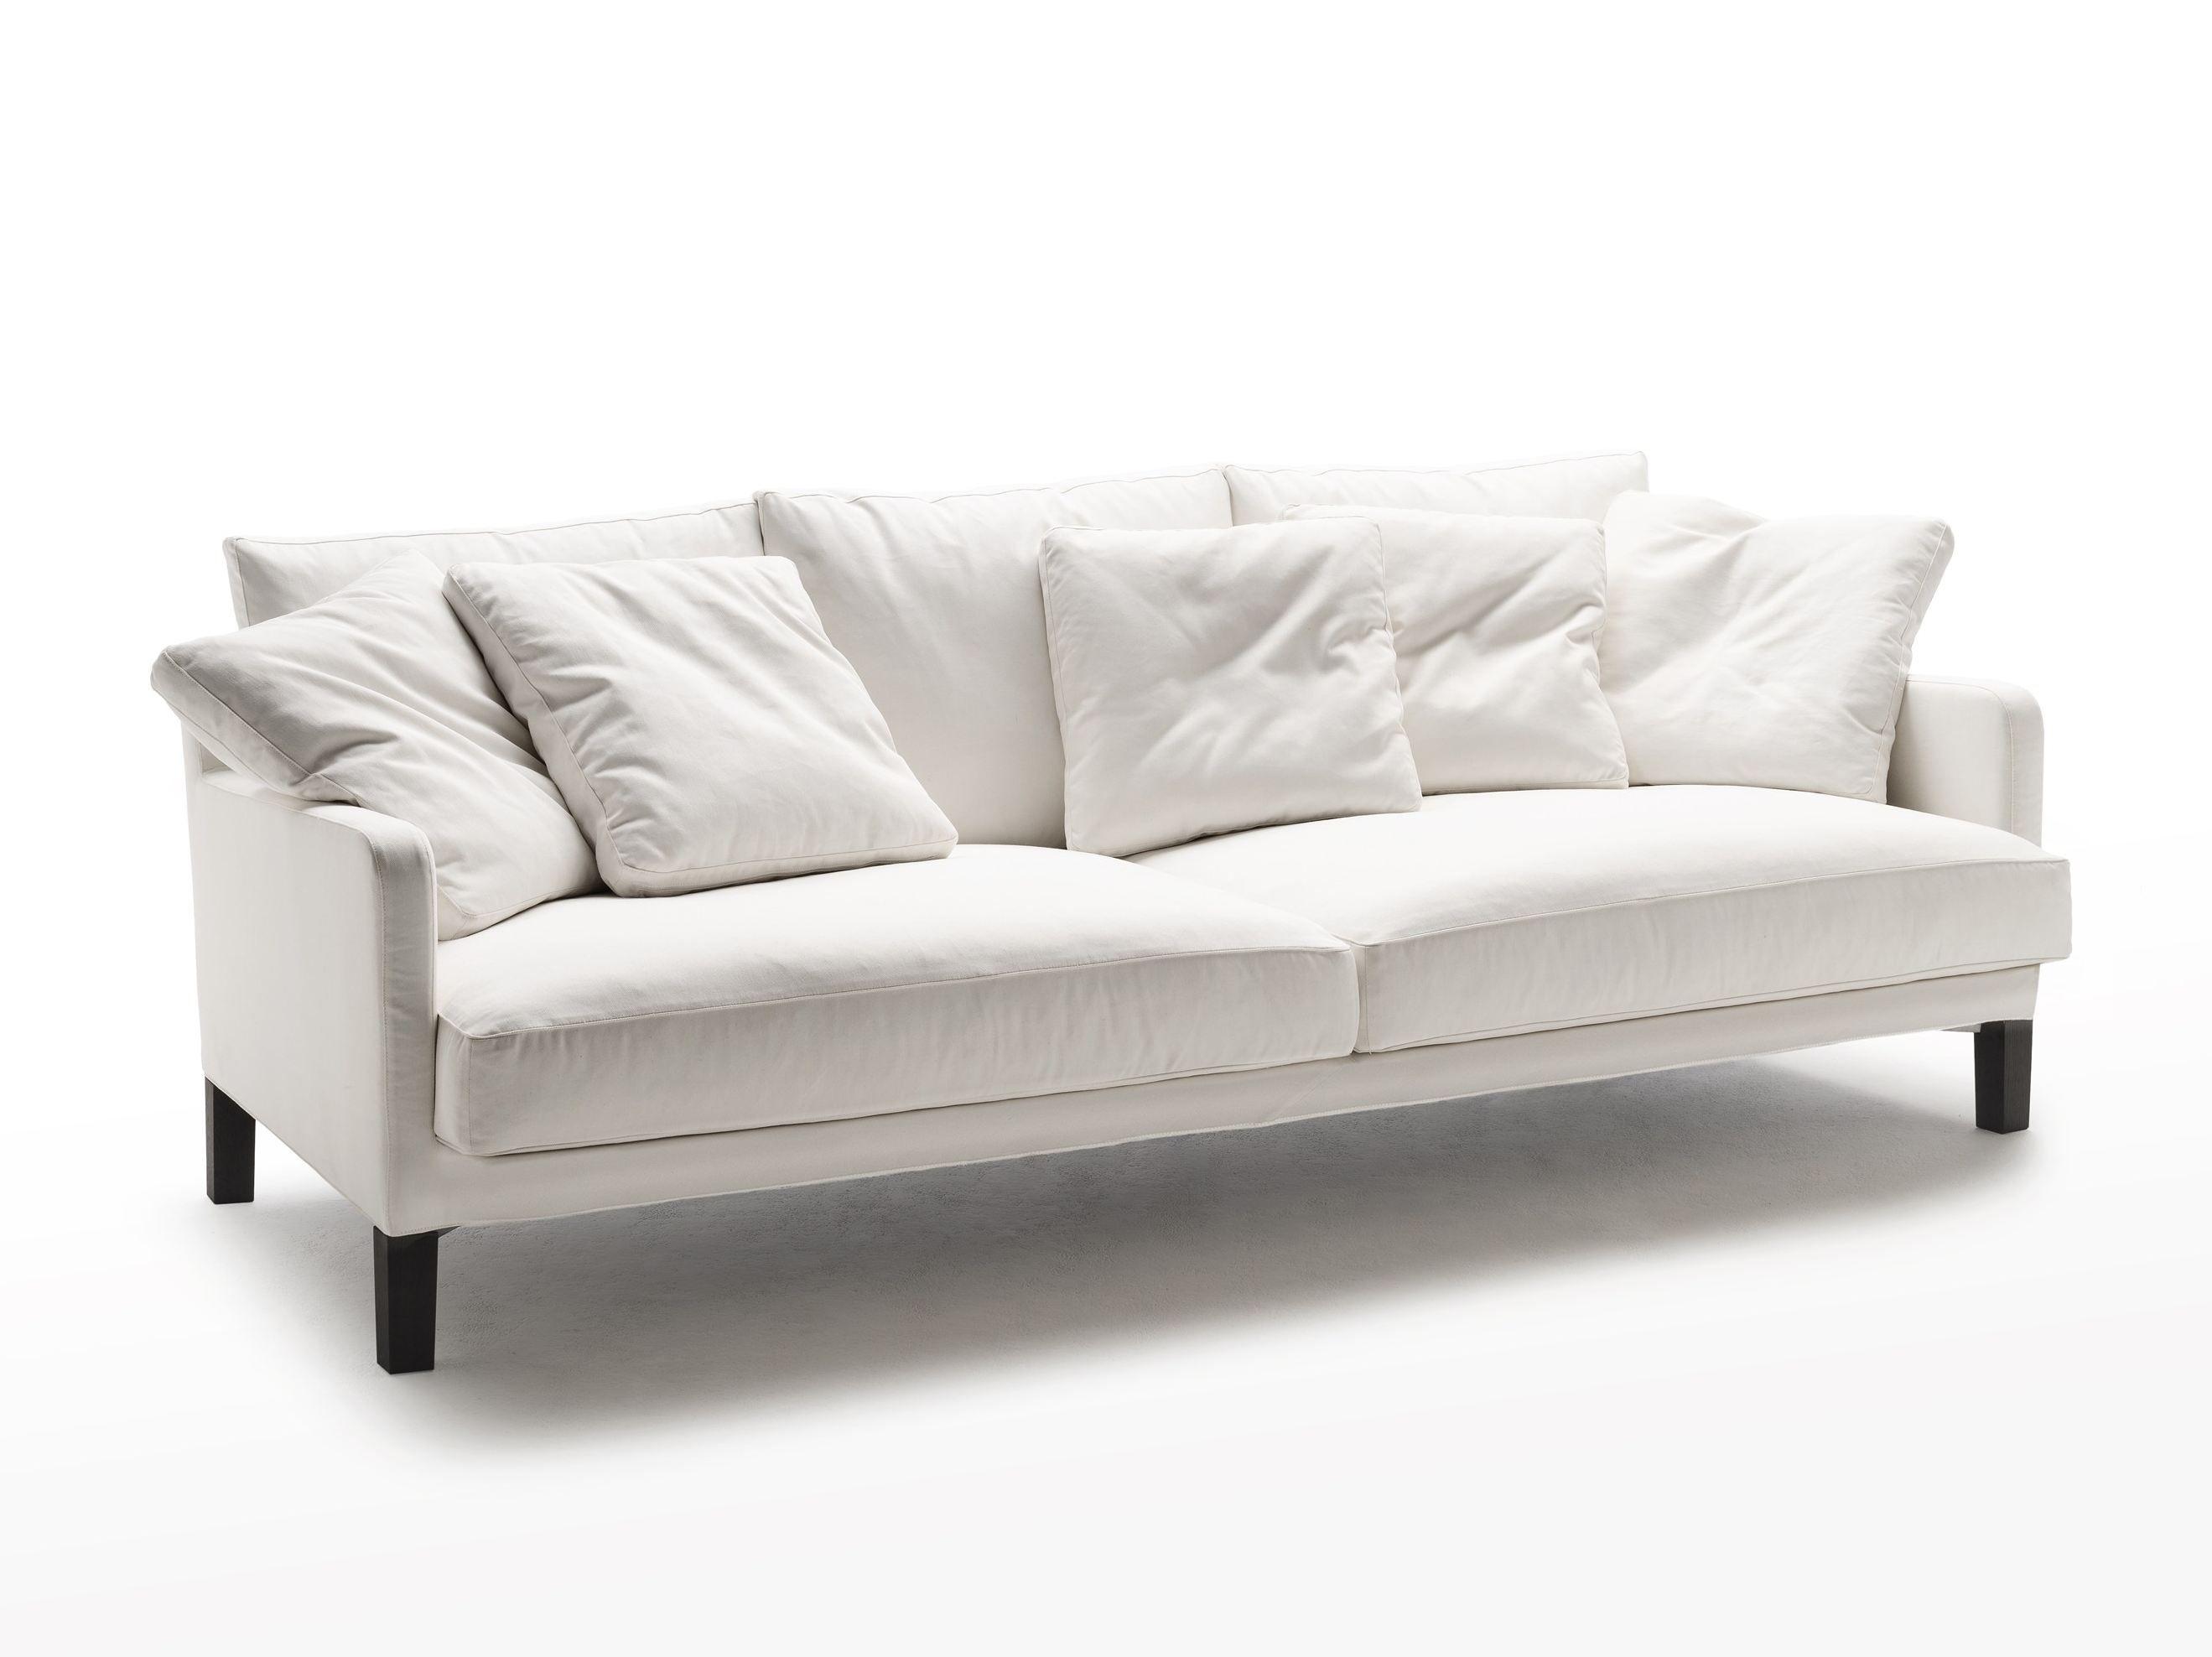 Canapé en tissu avec revêtement amovible DUMAS by Living Divani design Piero…